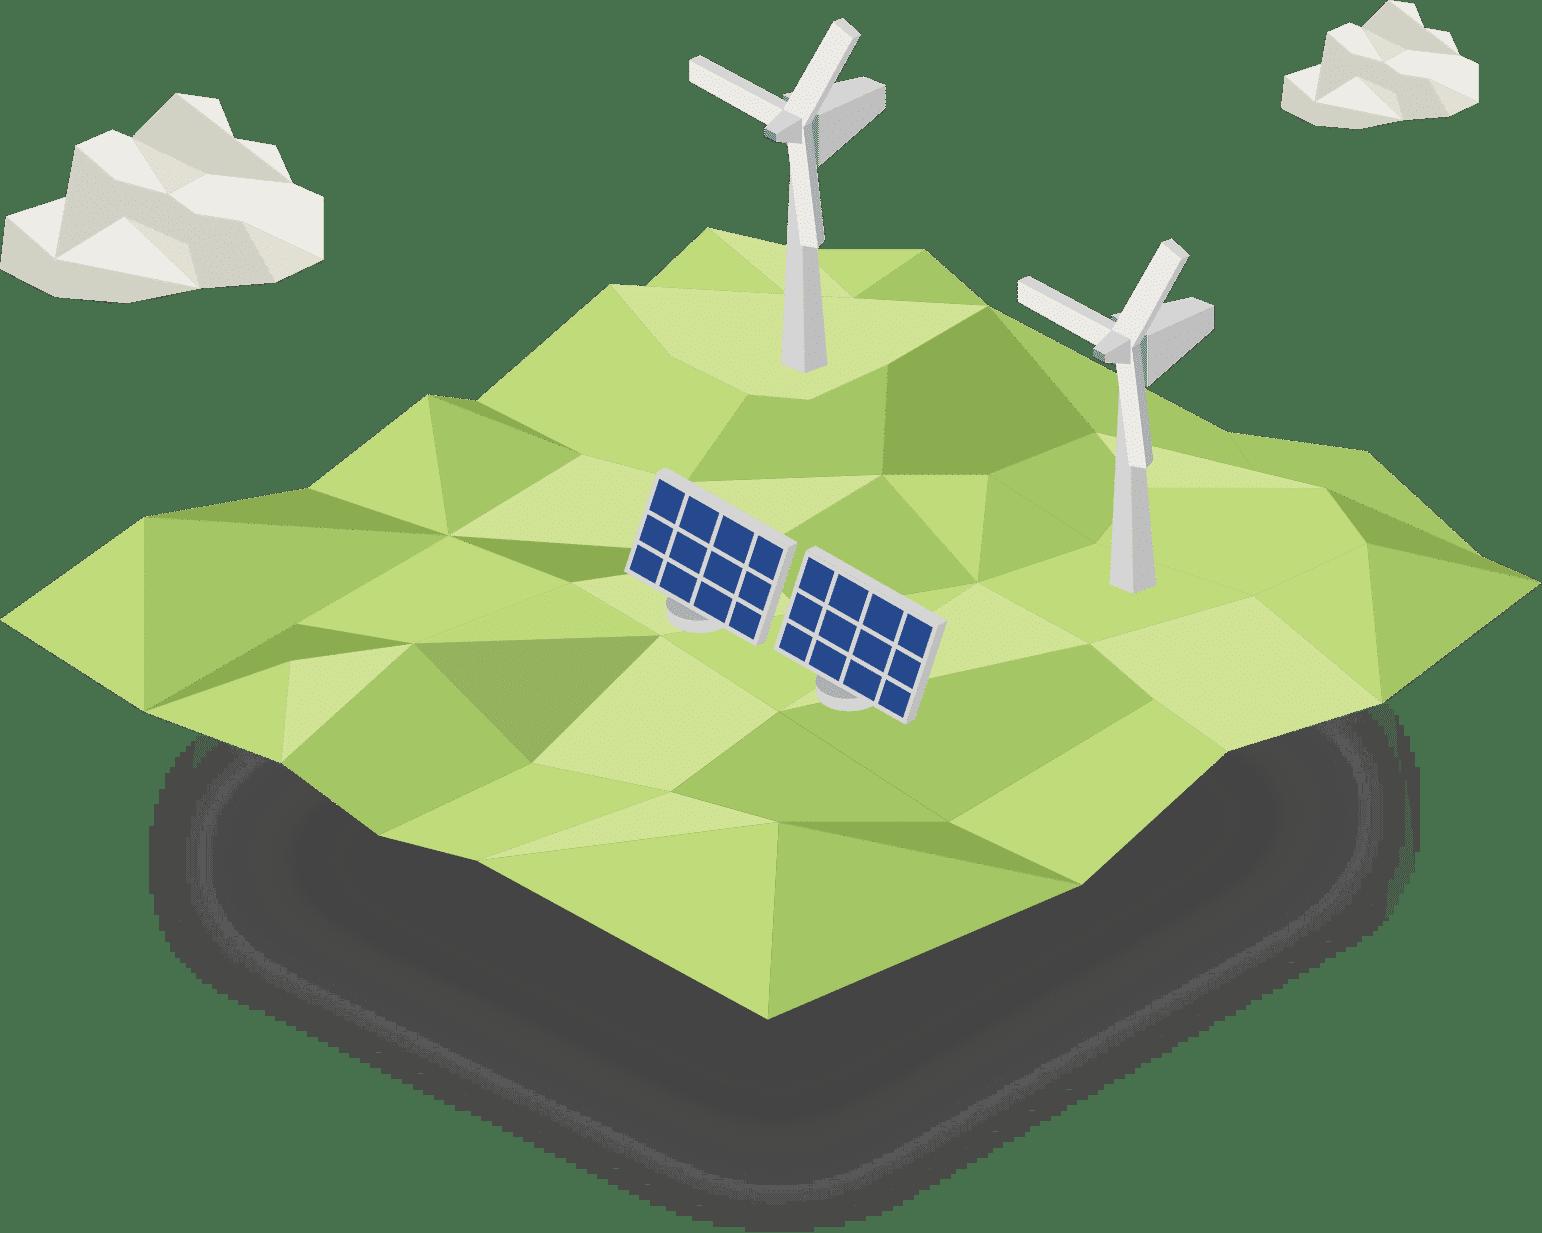 Groene energie, wind energie, zonnen energie